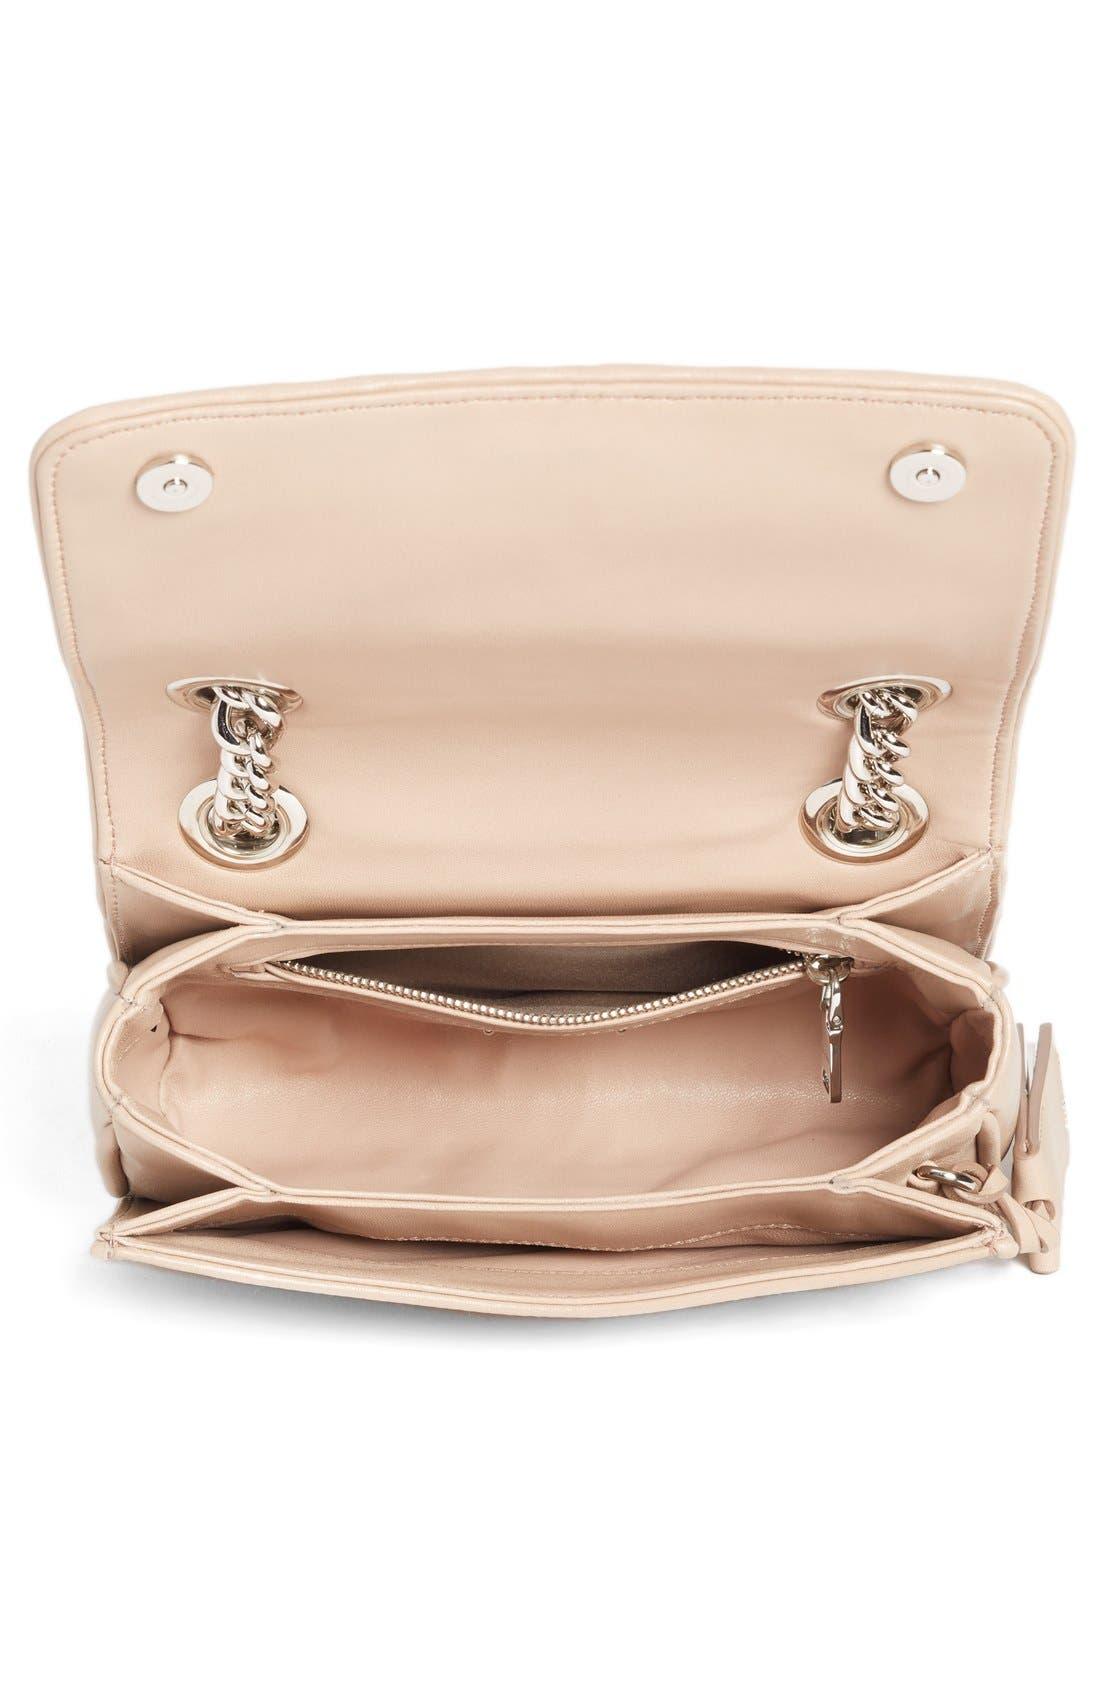 Small Matelassé Leather Shoulder Bag,                             Alternate thumbnail 18, color,